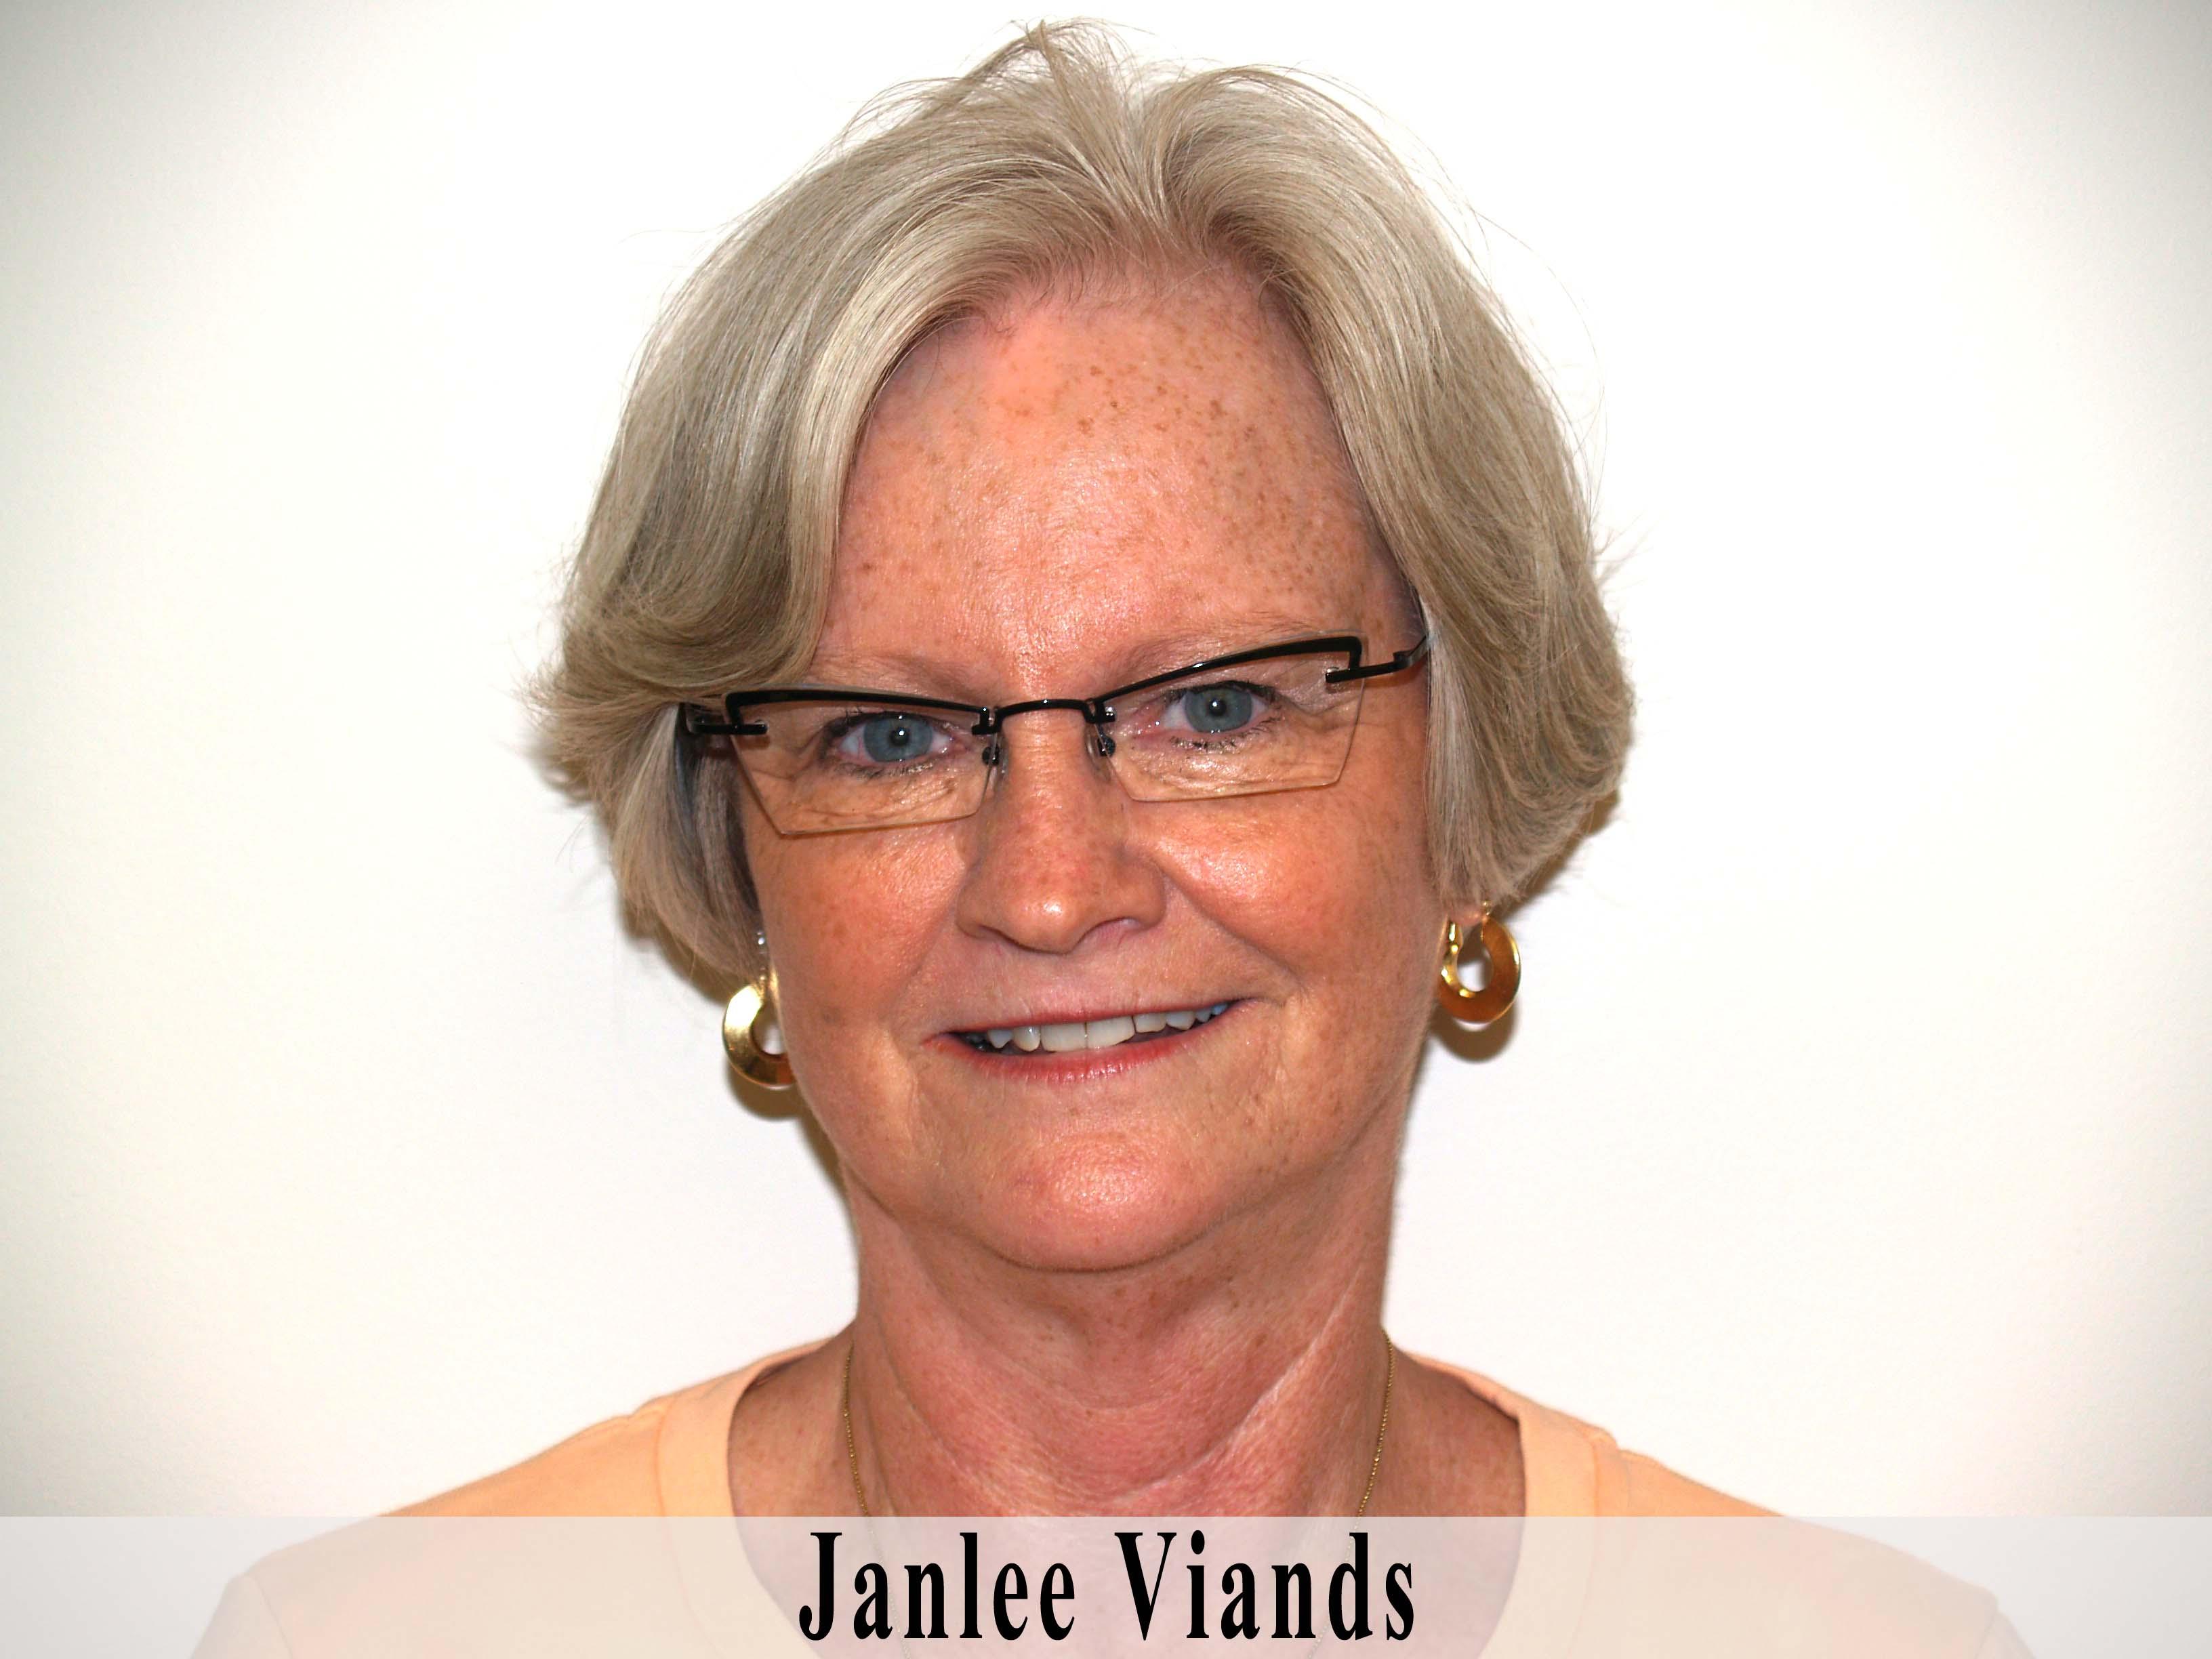 Janlee Viands